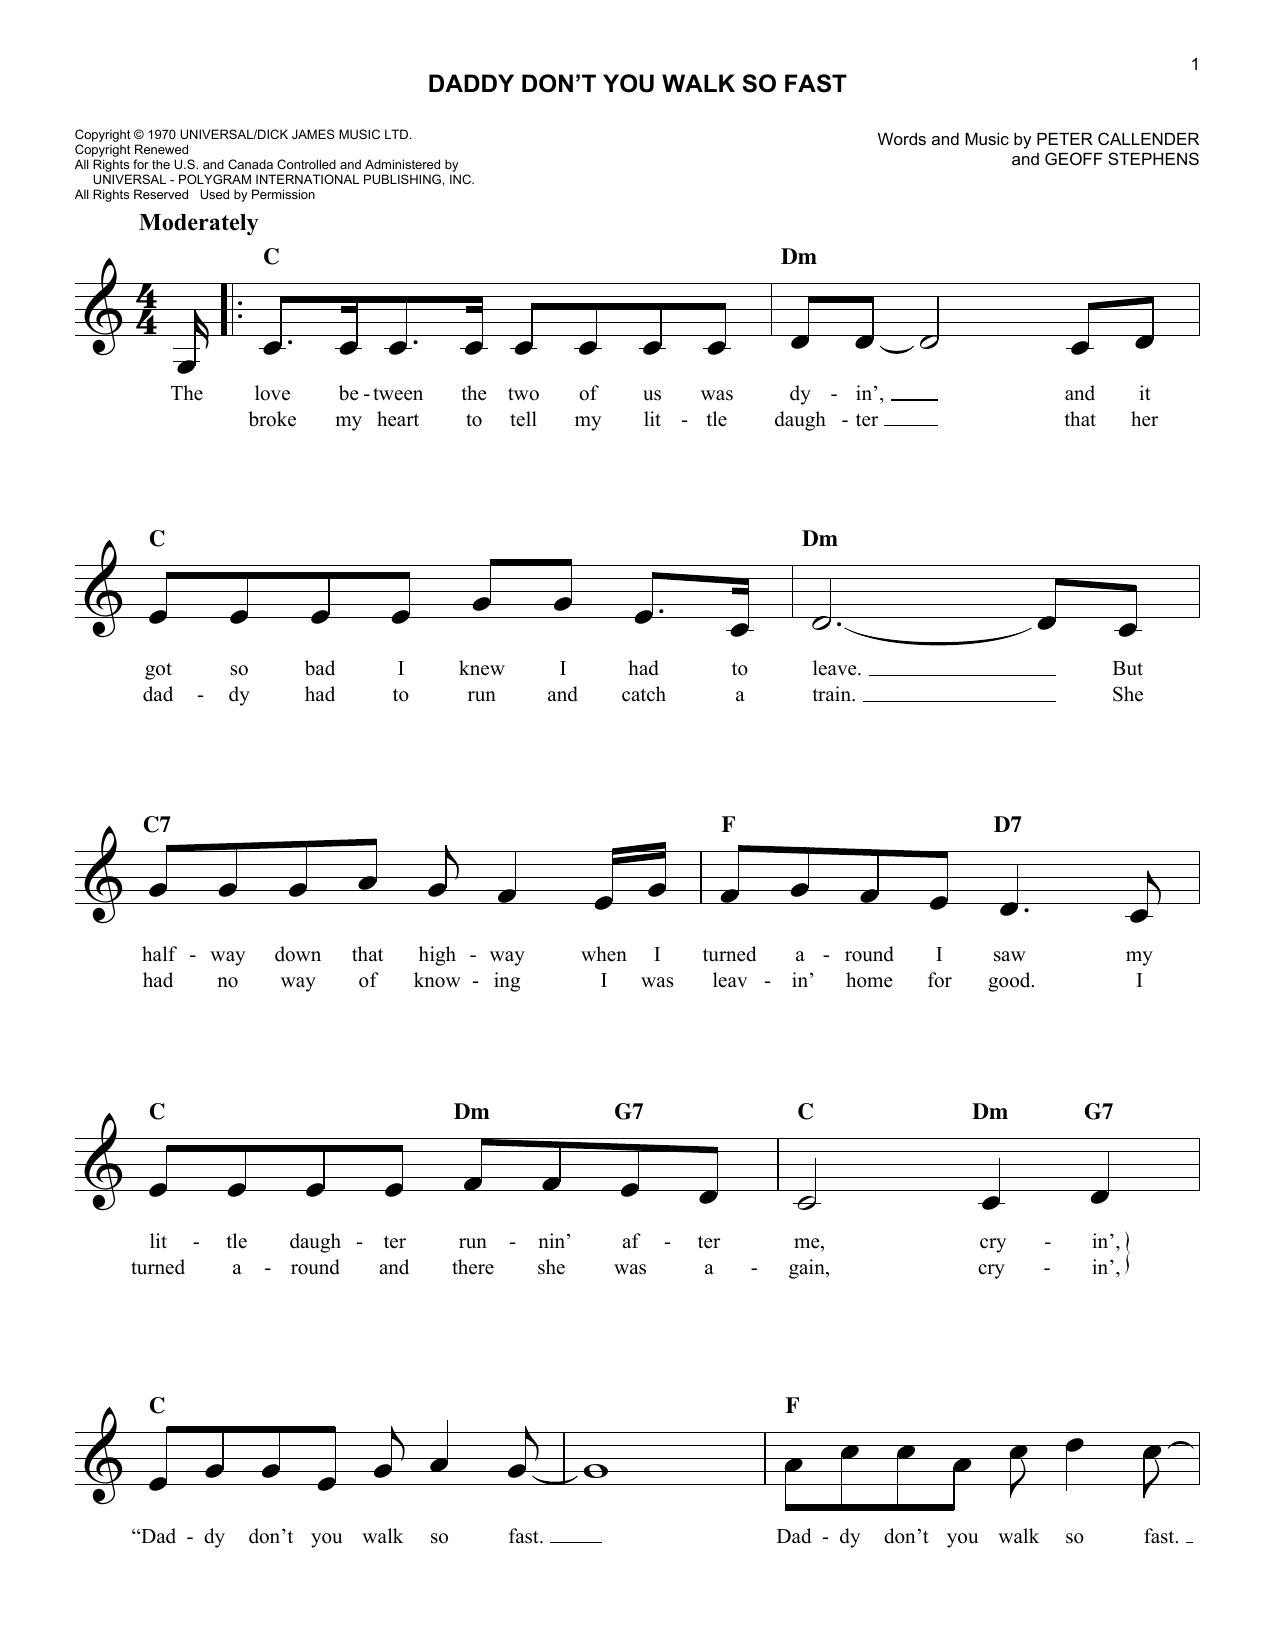 Daddy Don't You Walk So Fast (Melody Line, Lyrics & Chords)